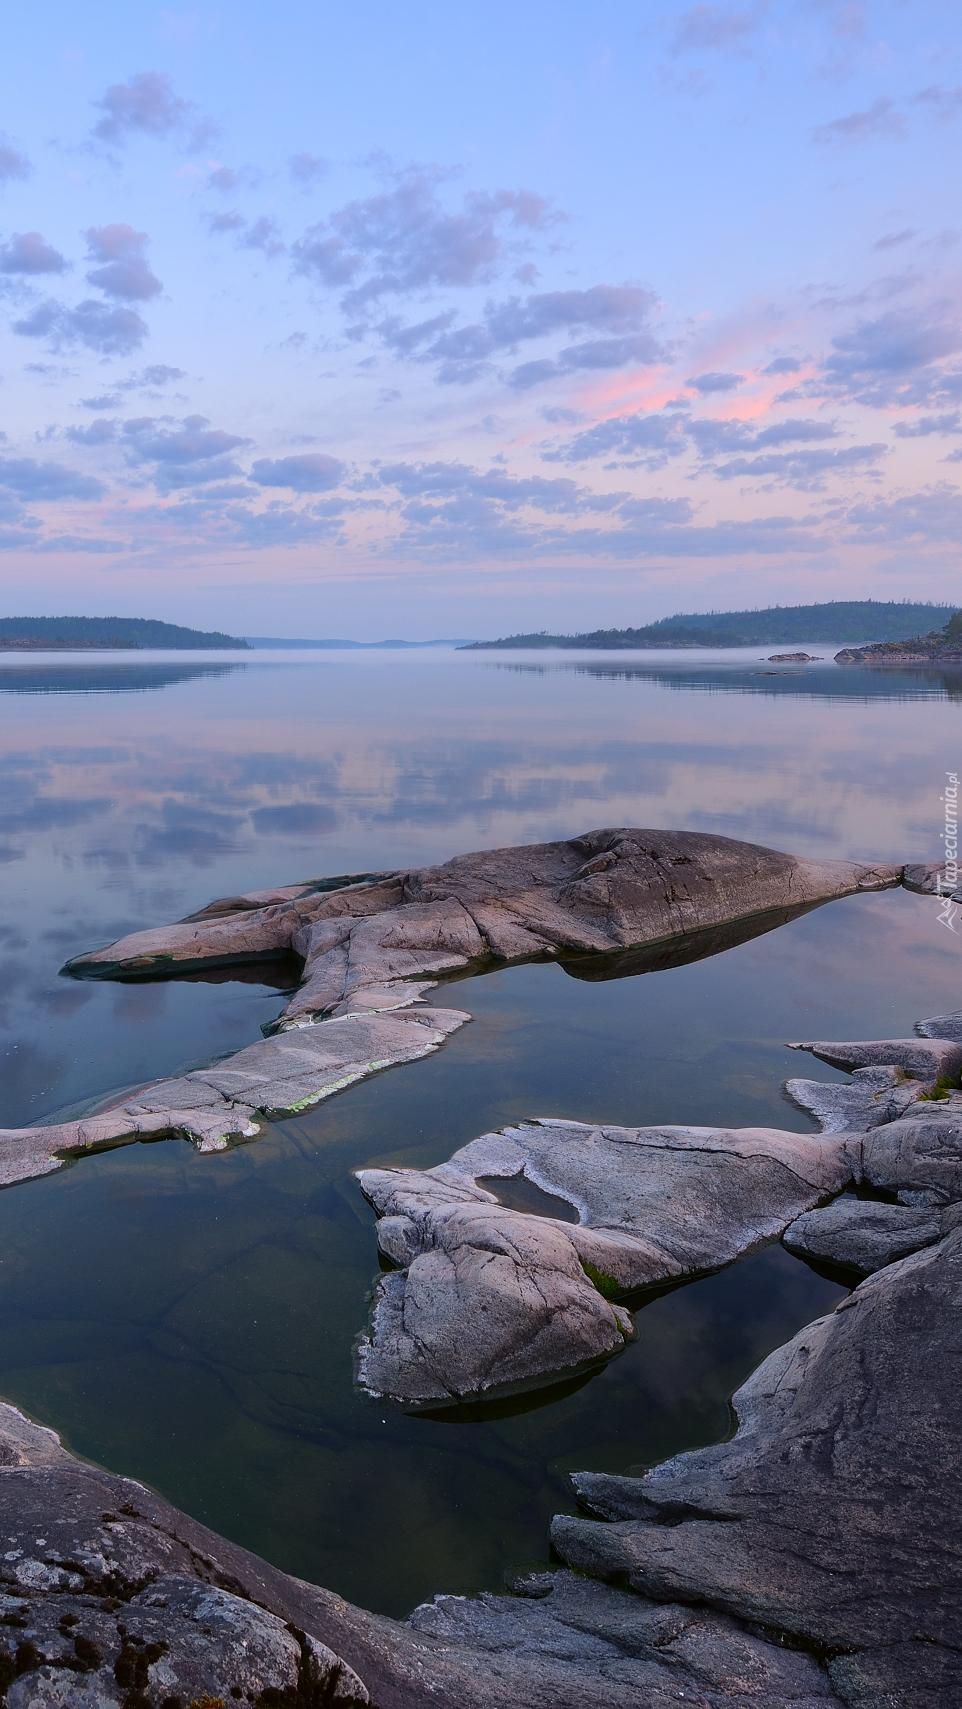 Skały w jeziorze Ładoga